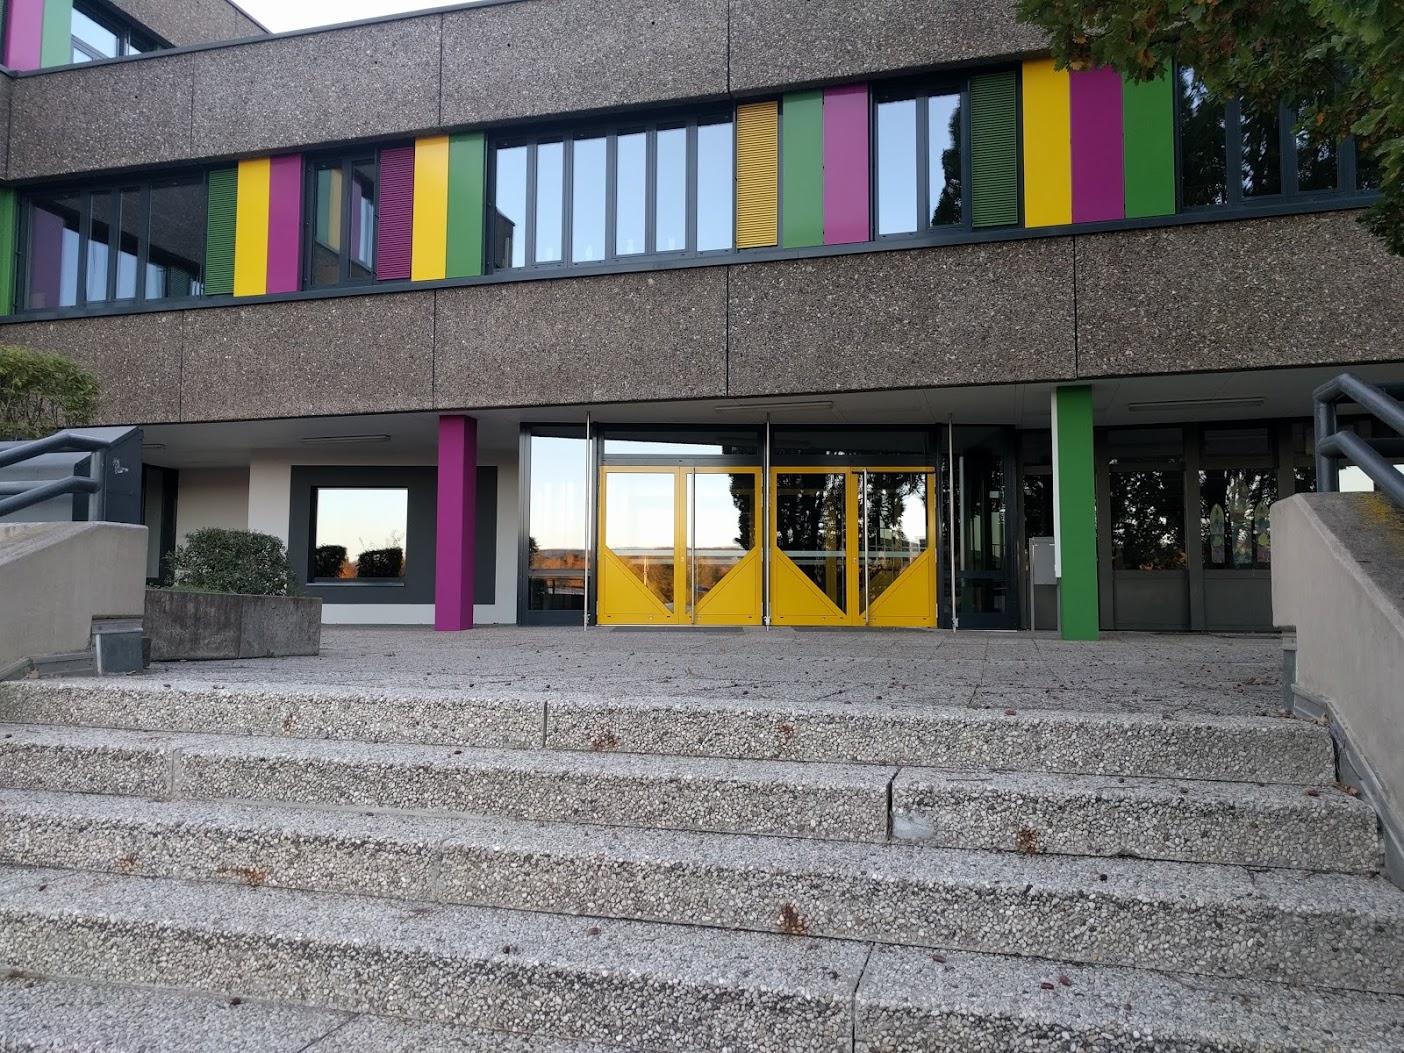 neuer Eingang 2018 von der Treppe